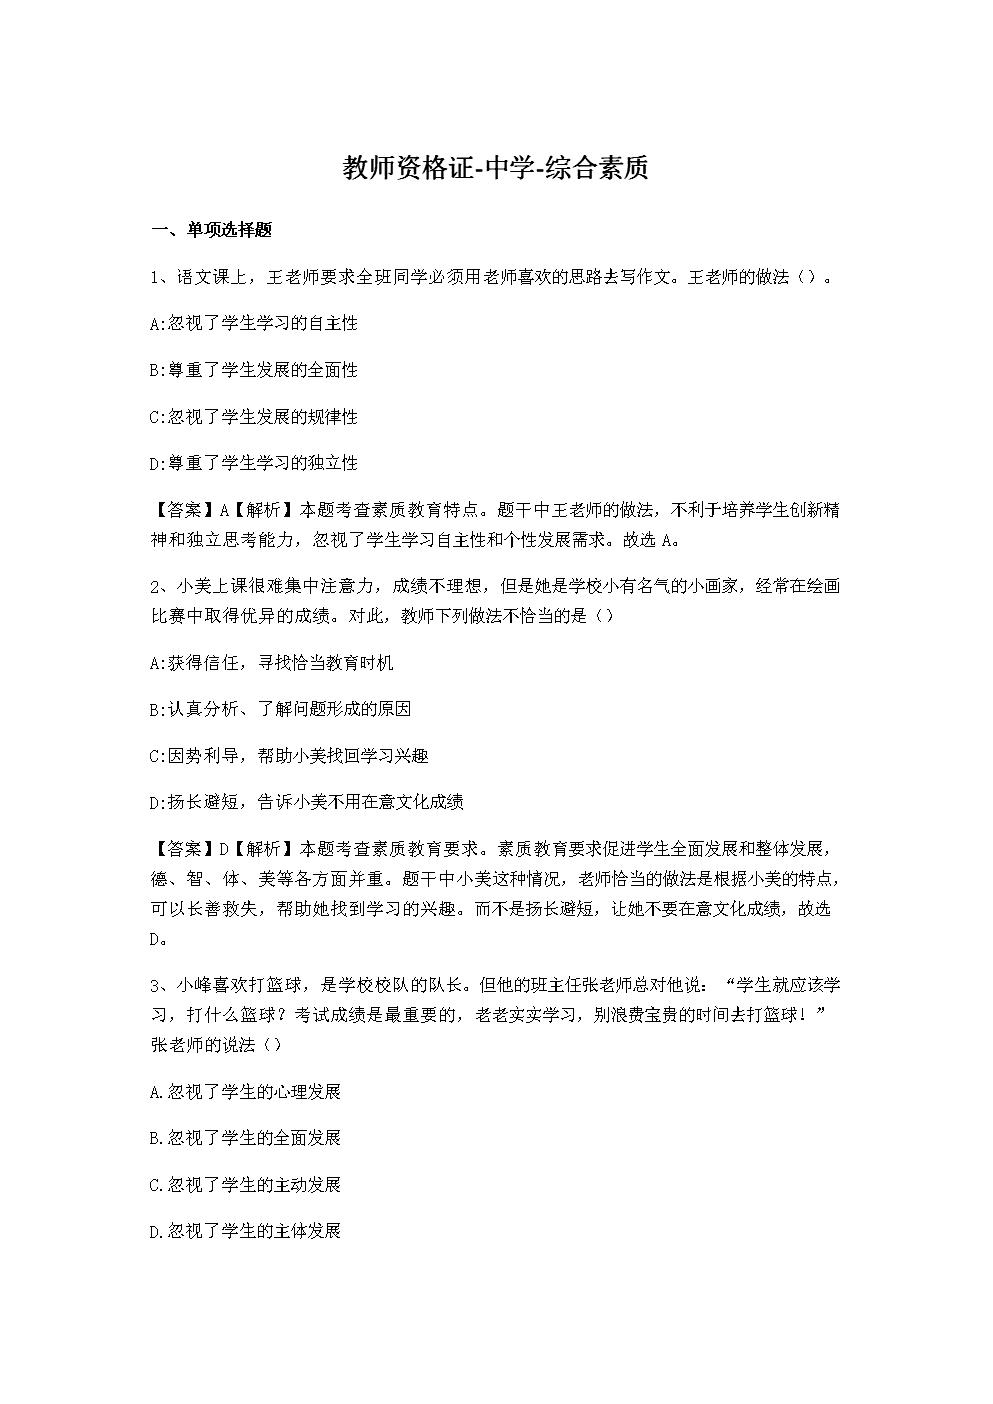 教师证-中学-综合素质(含答案).docx